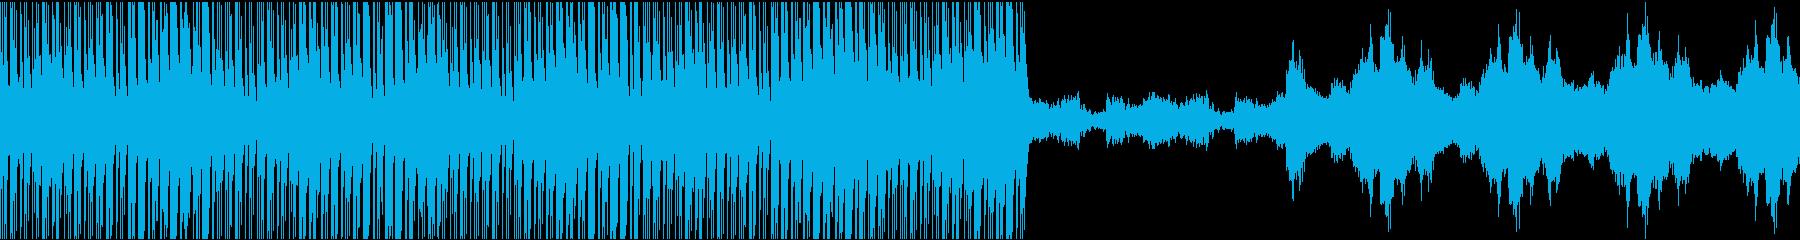 金属的・追跡者・不安感・インスト・ループの再生済みの波形